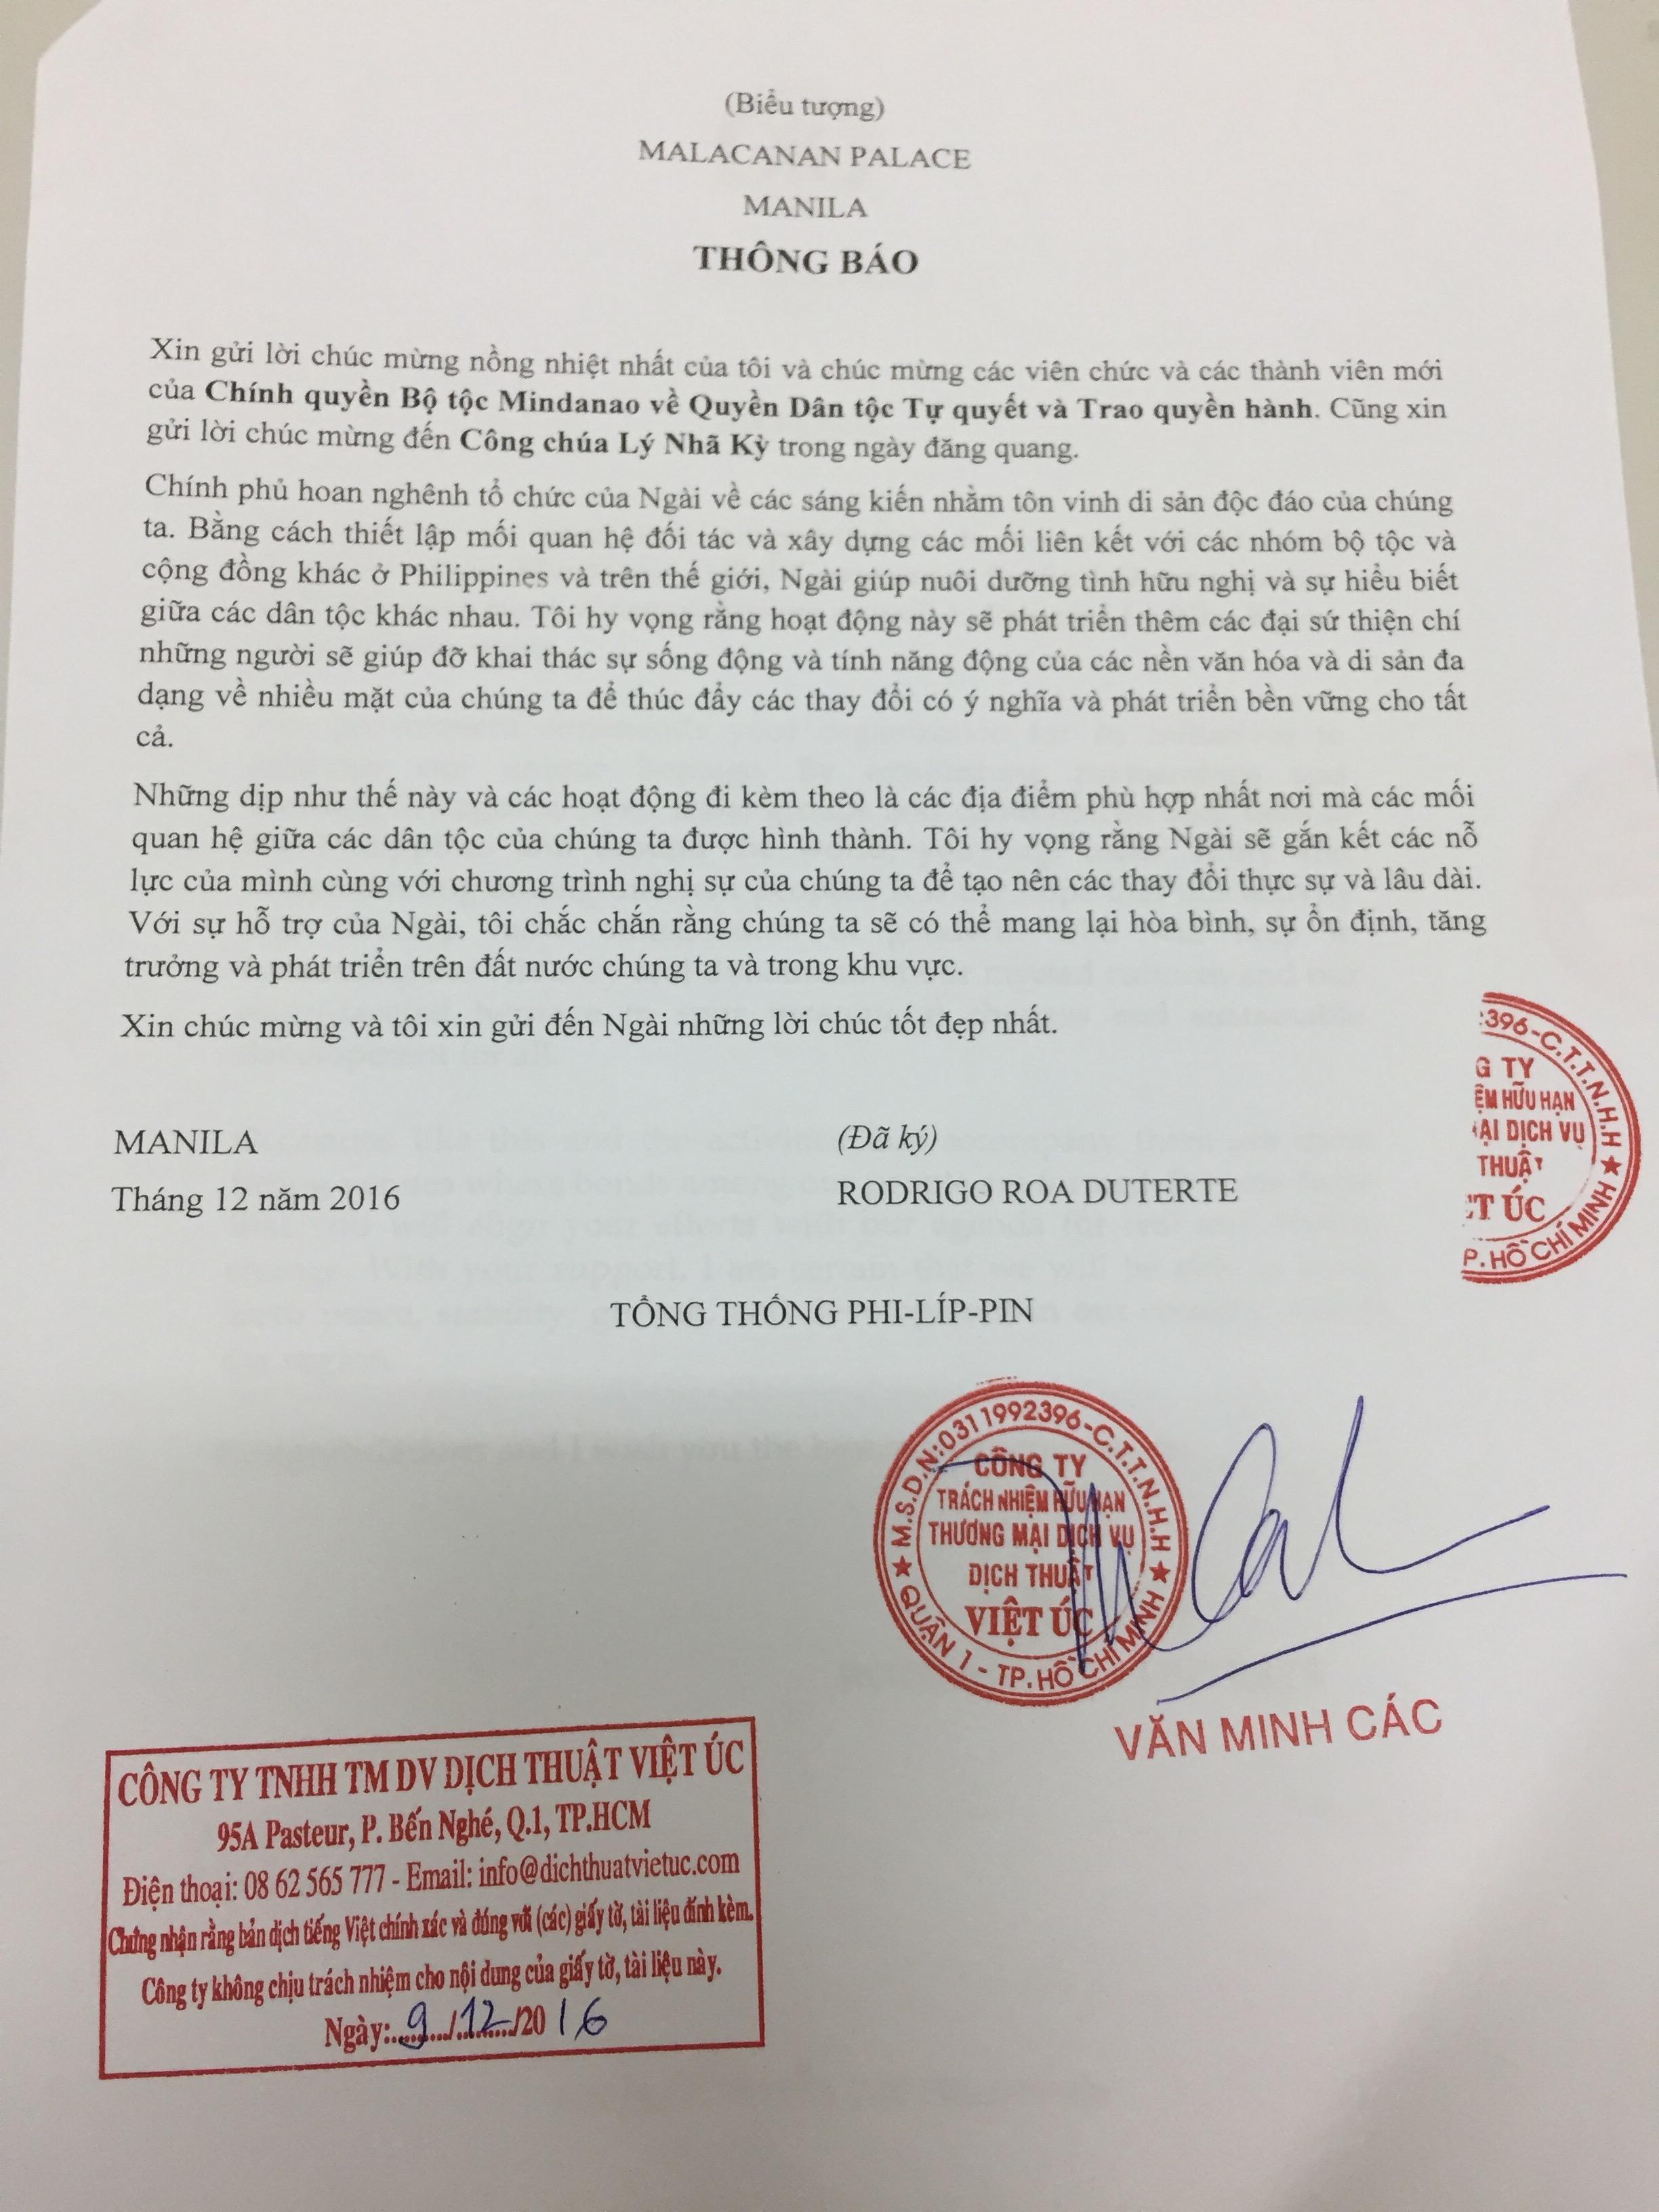 Tổng thống Philippinnes gửi thư chúc mừng Công chúa Lý Nhã Kỳ trong ngày đăng quang 1